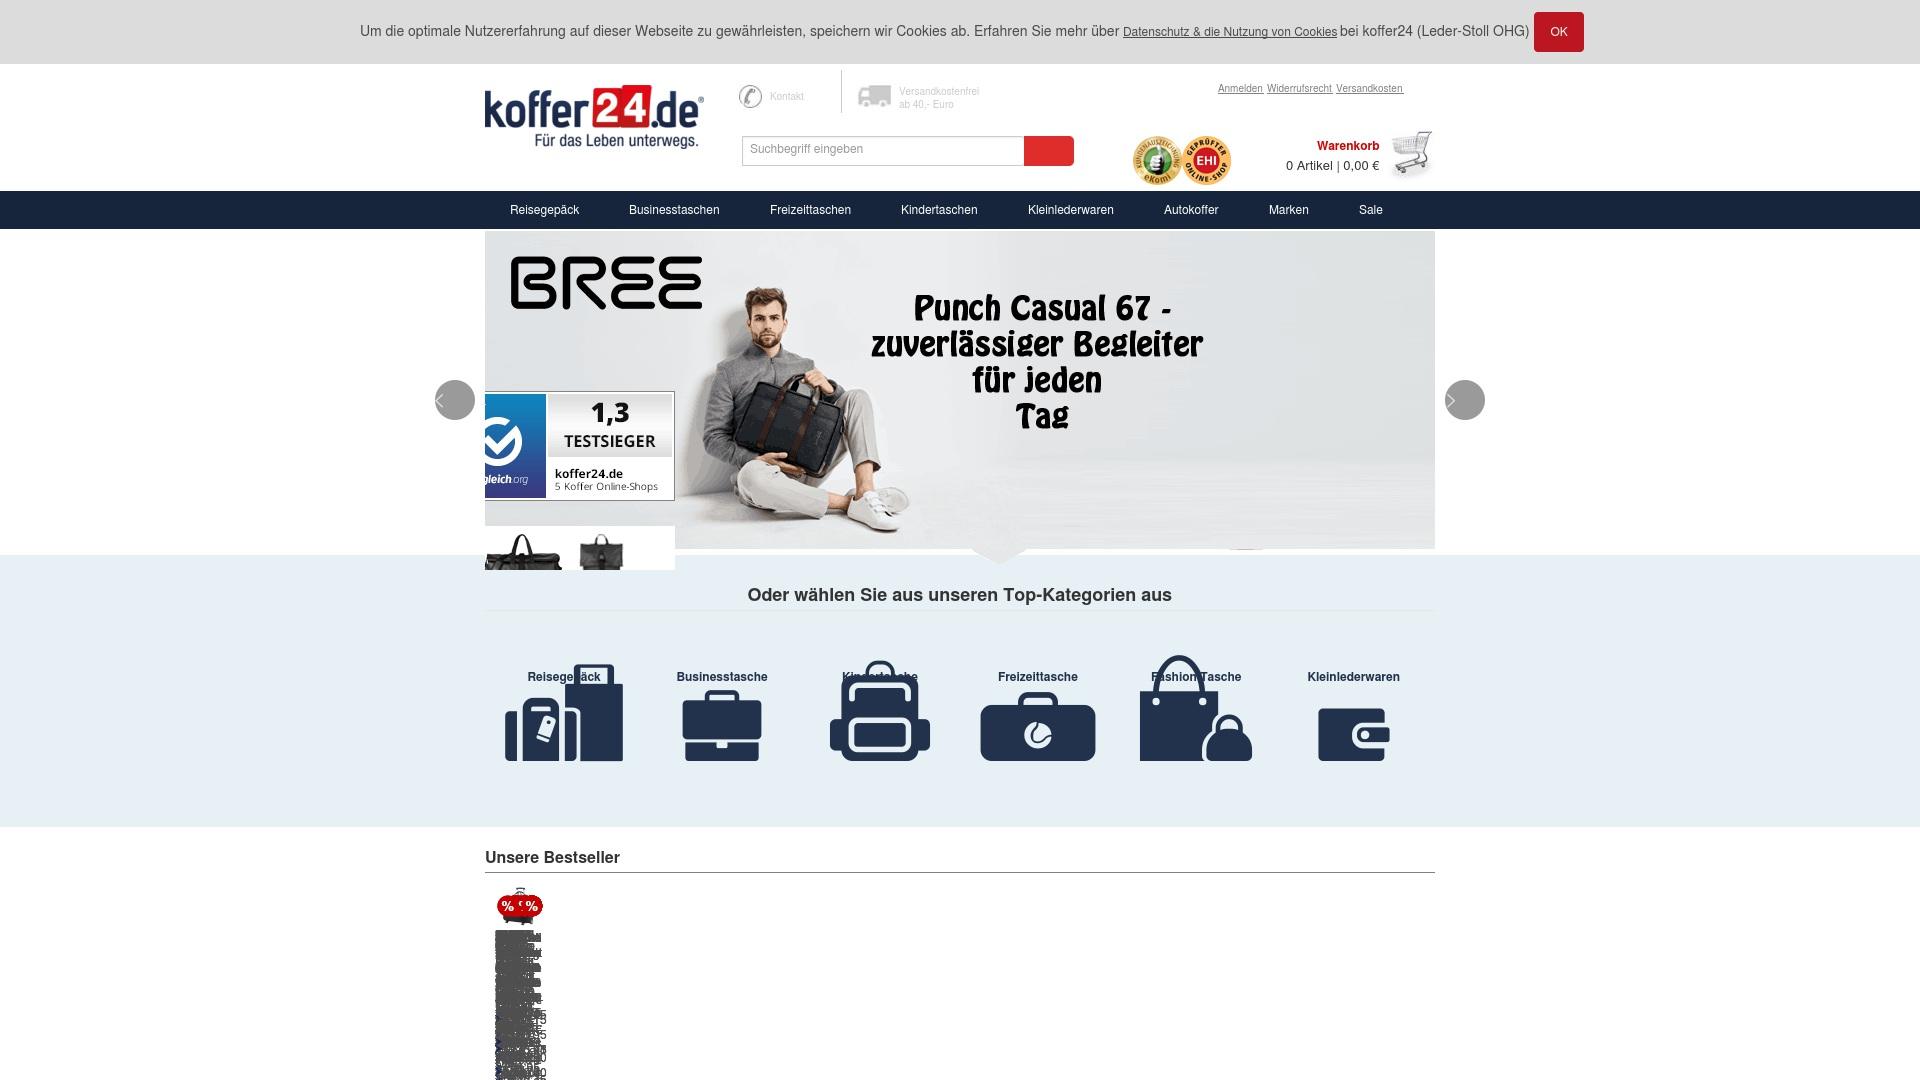 Gutschein für Koffer24: Rabatte für  Koffer24 sichern